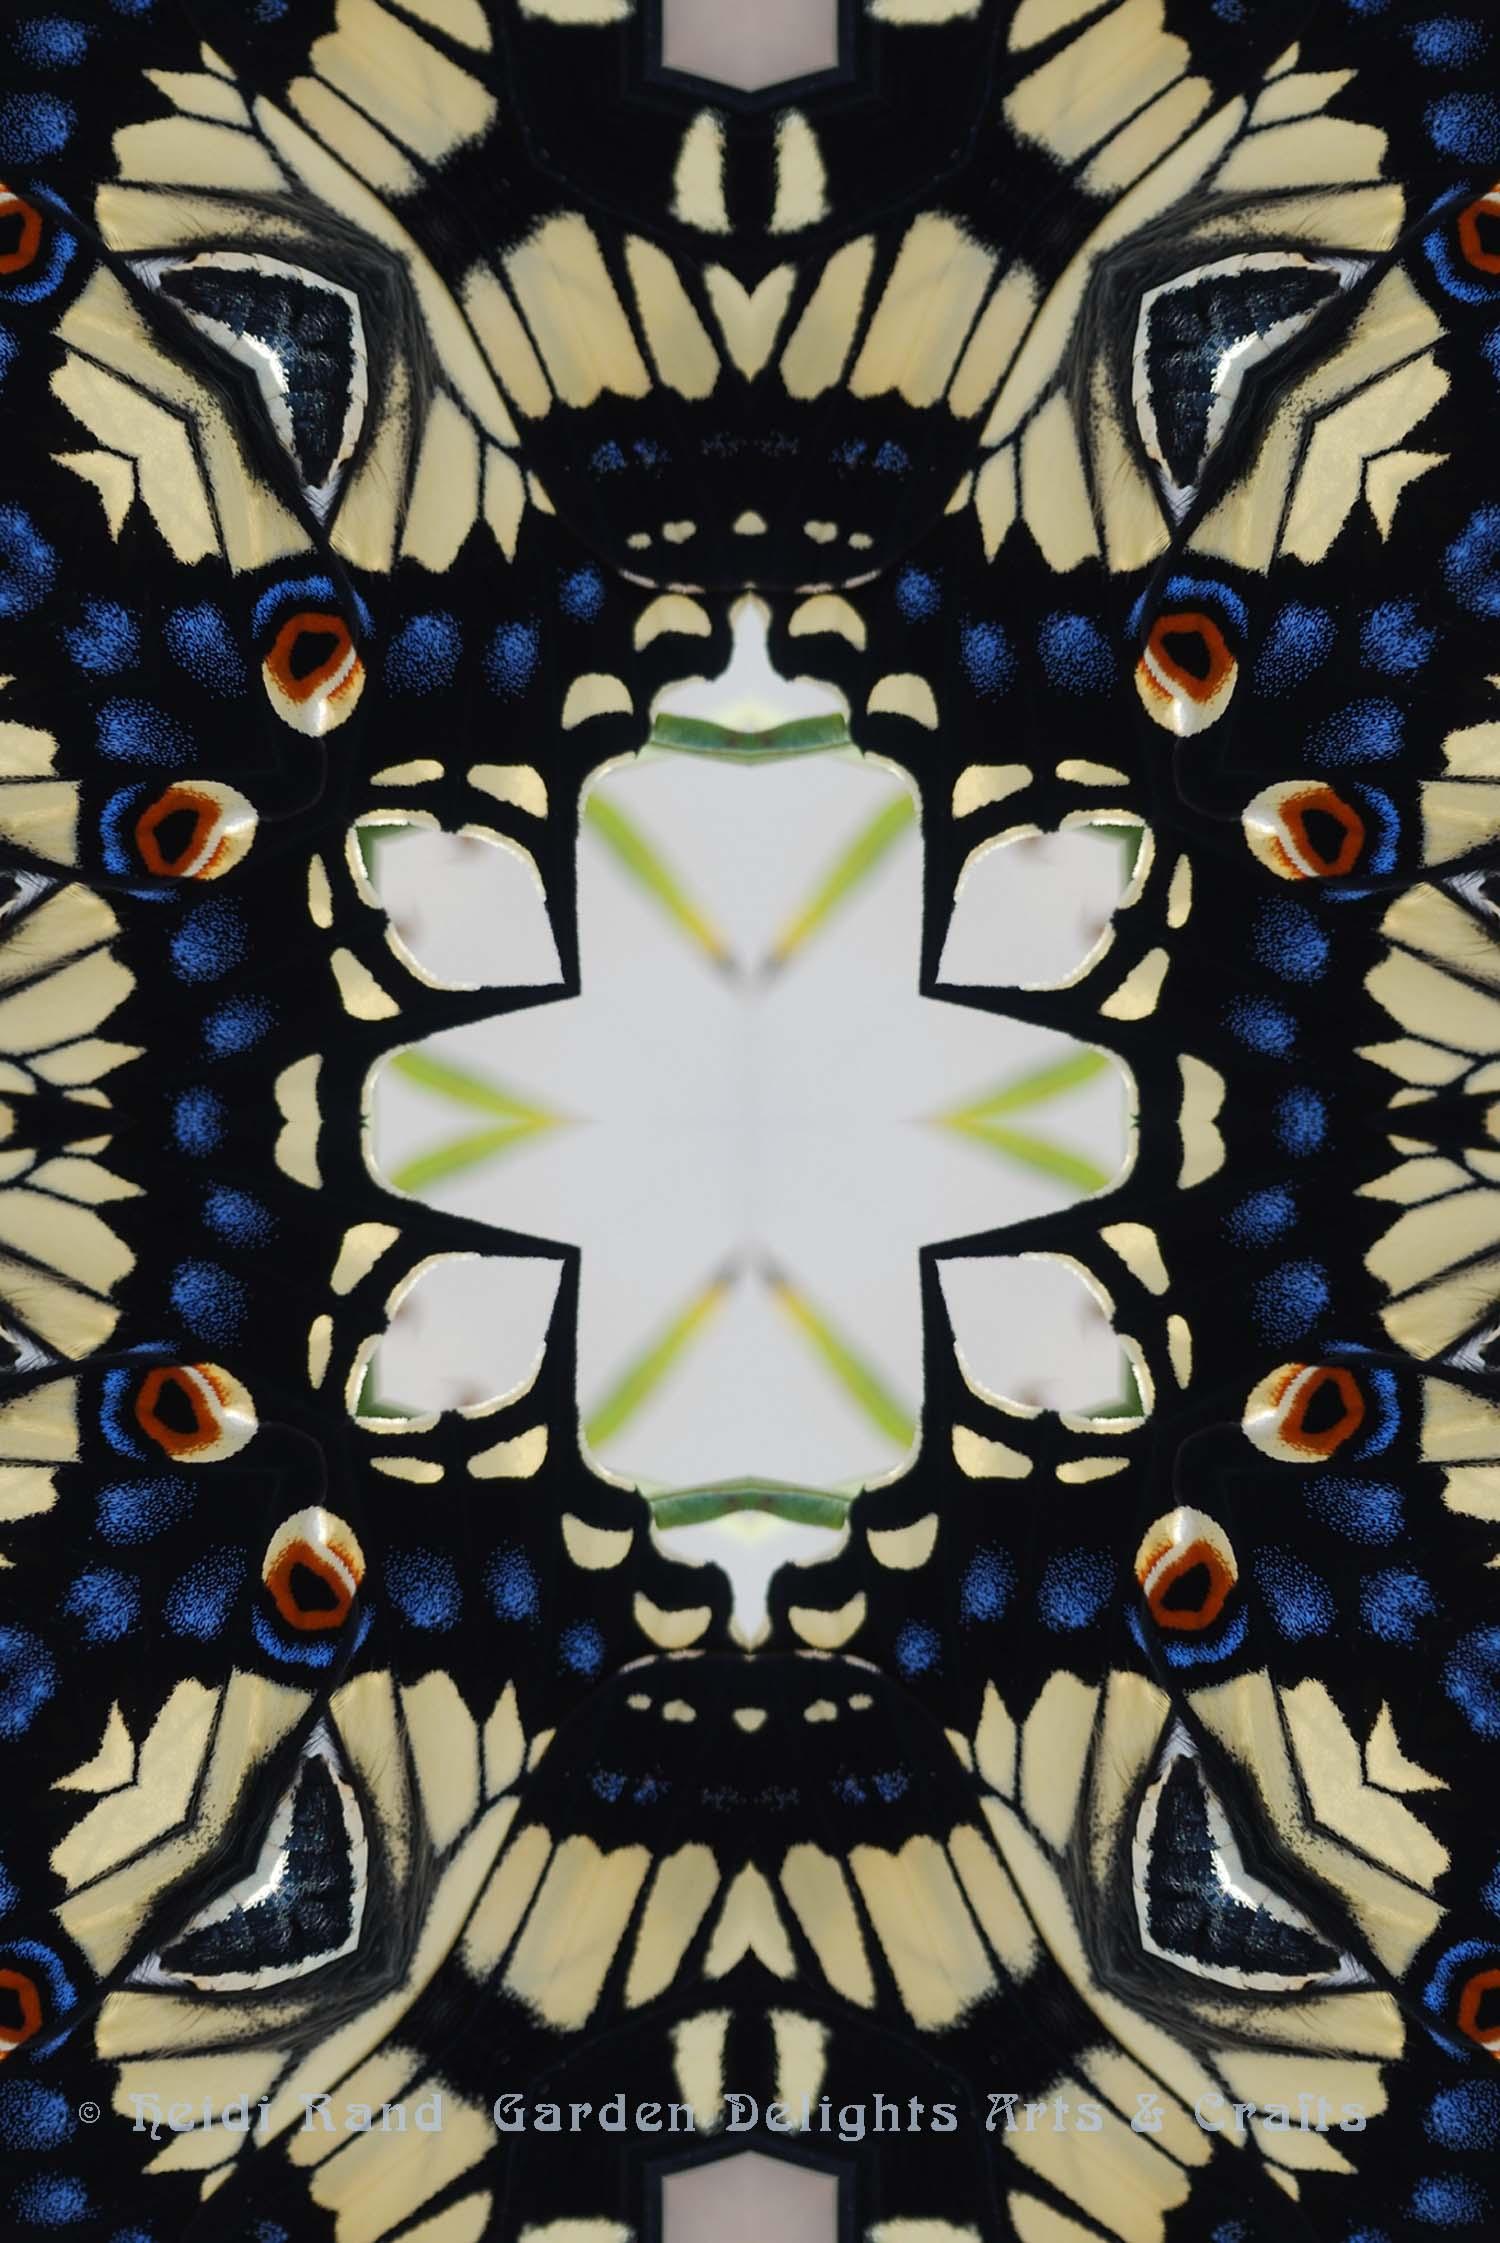 Swallowtail white